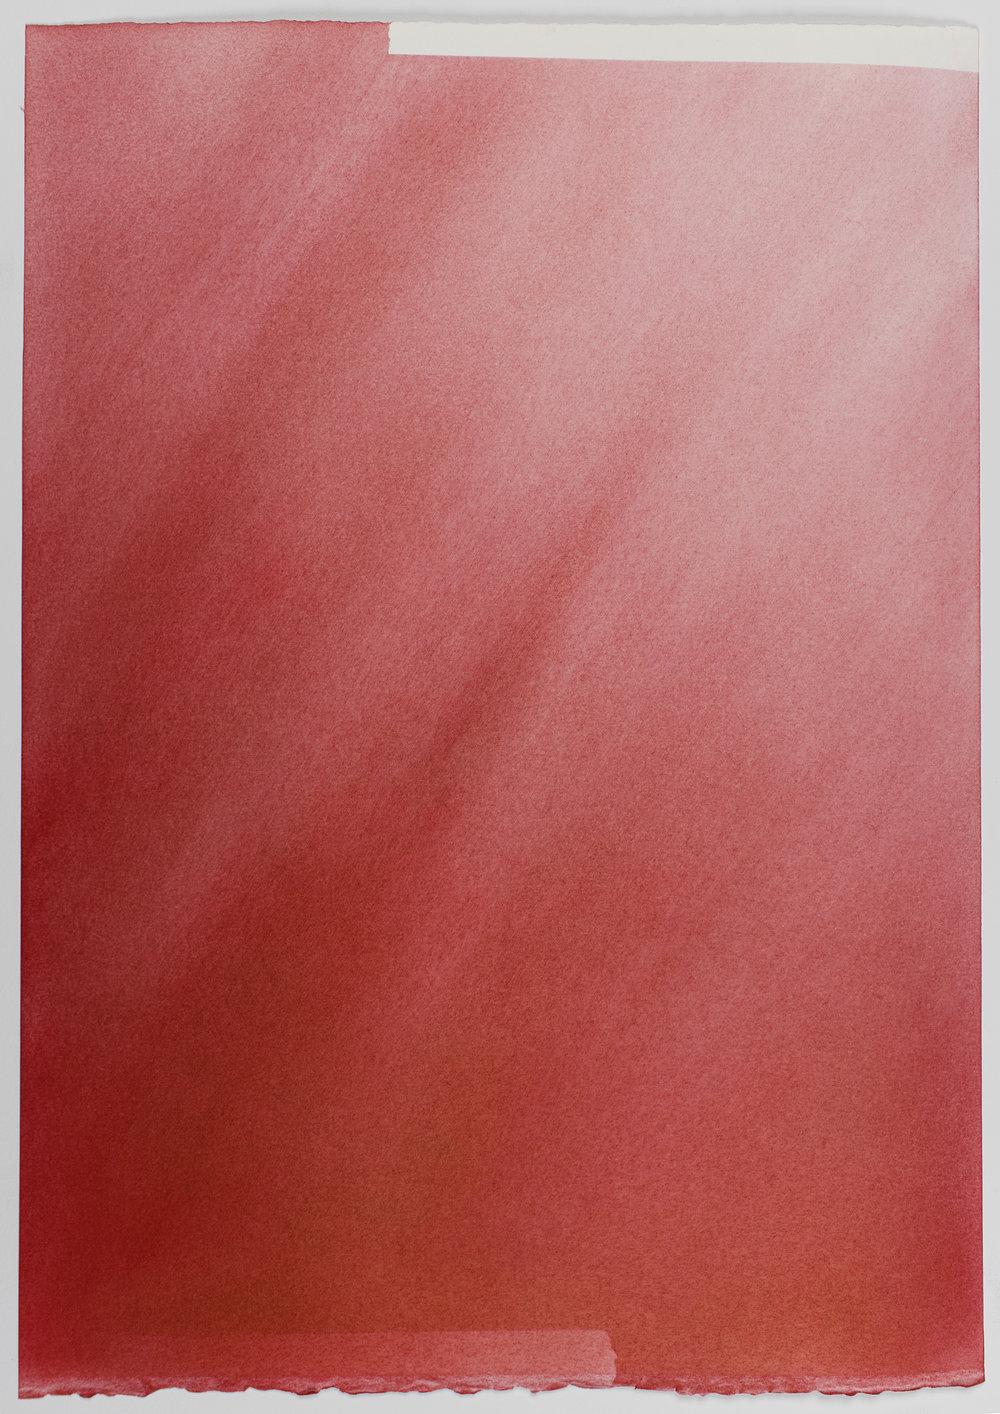 """Andréanne Godin, Sans titre IV  (de la série  Les chemins de résistance ), 2017, pigments secs (rouge pyrrole) sur papier Arches,16"""" x 13"""" (41 x 33 cm)."""